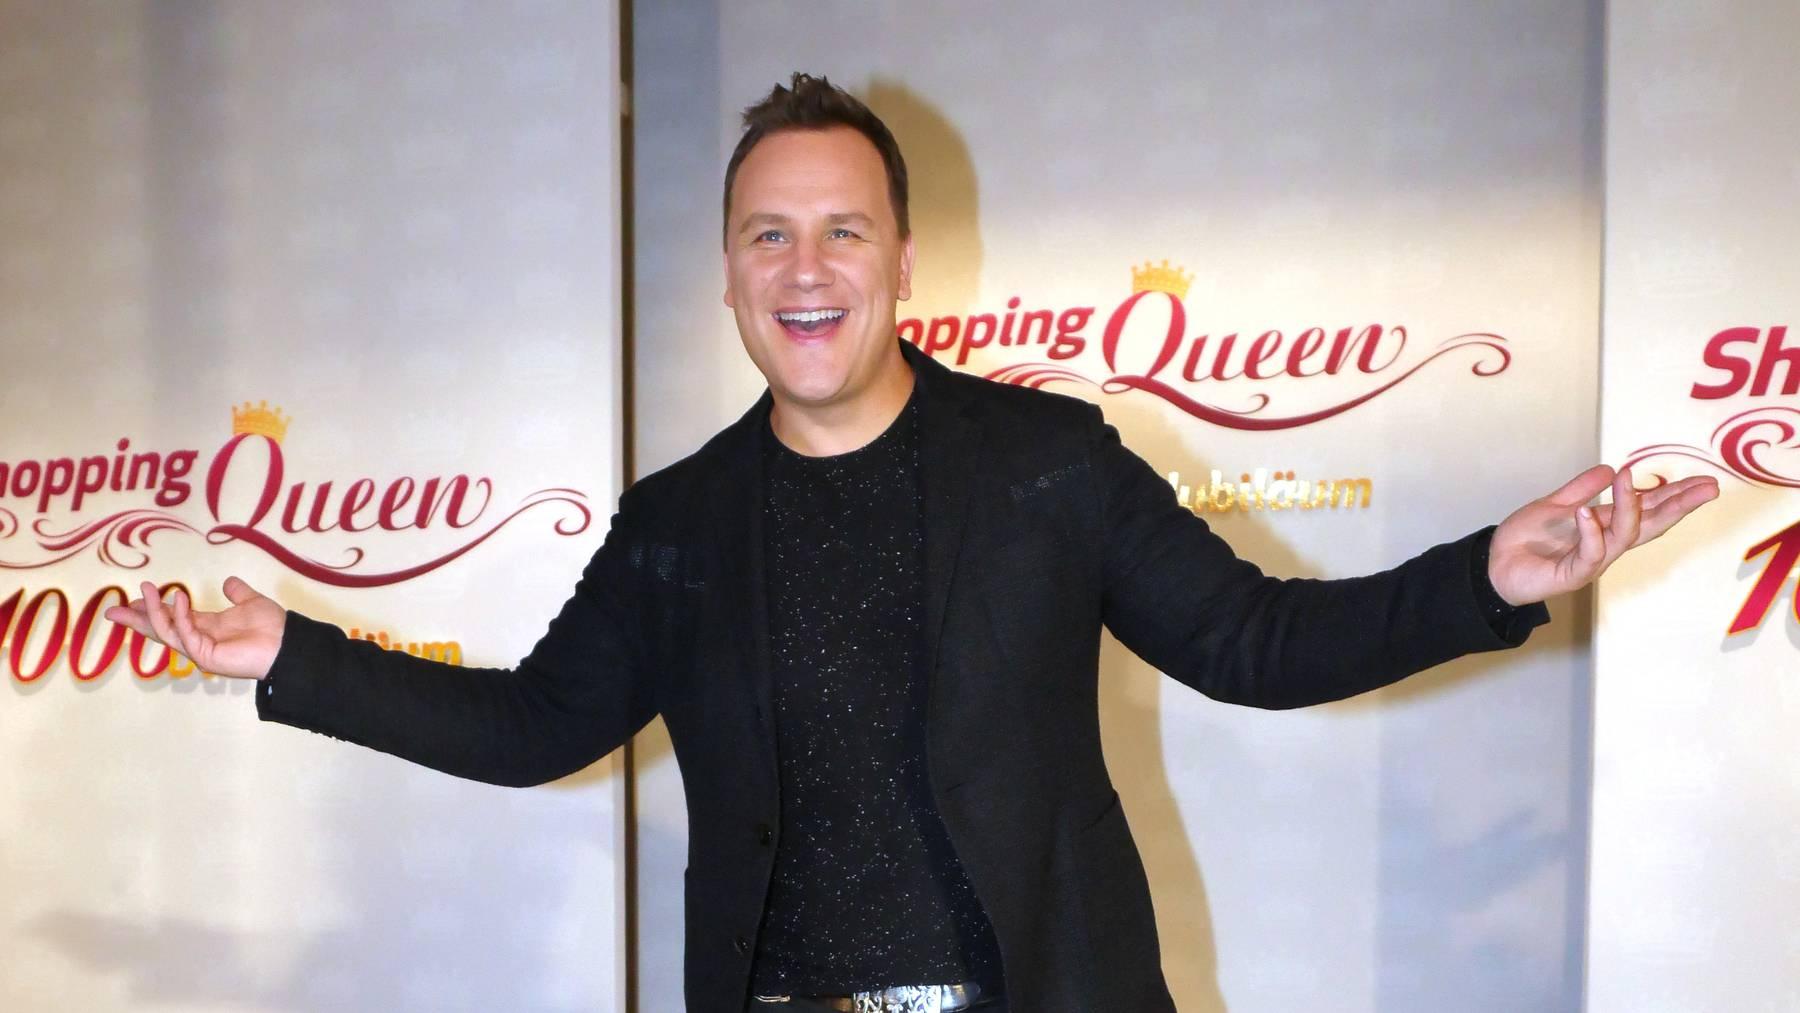 Shopping Queen Kretschmer